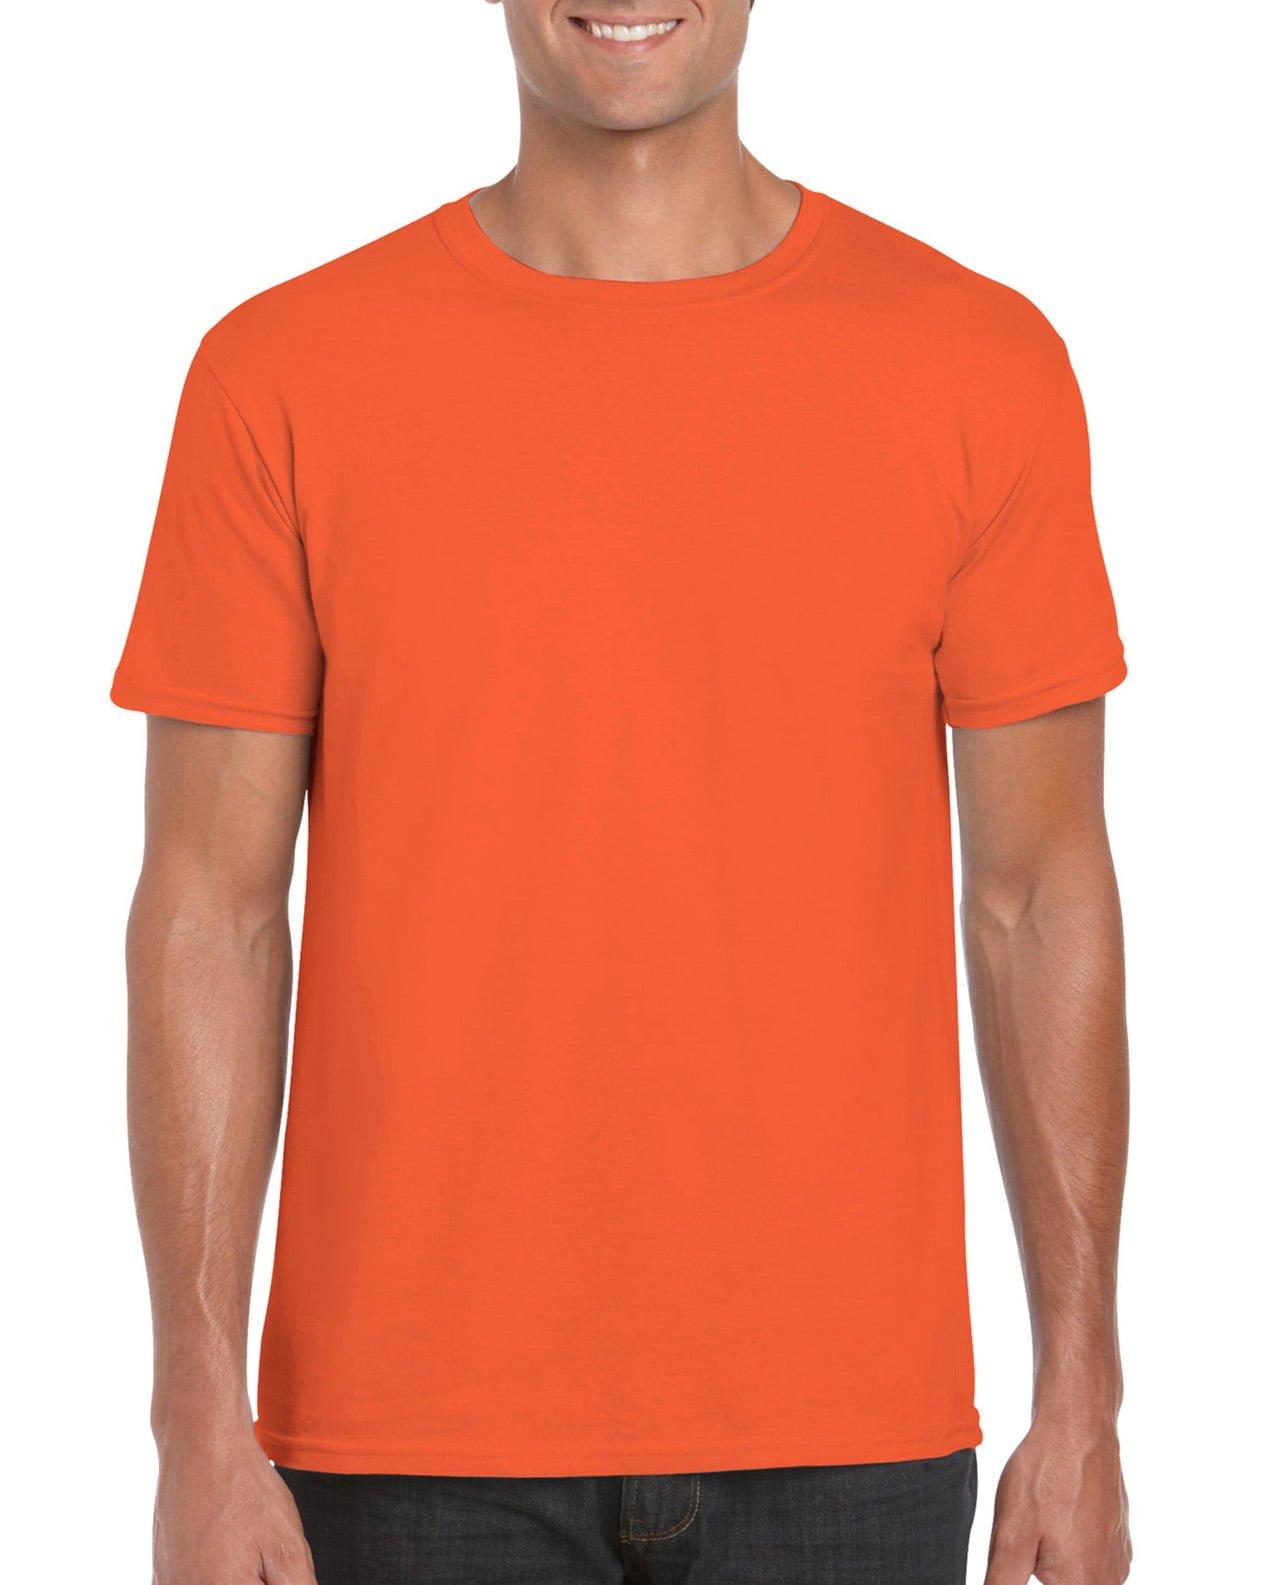 Softstyle Unisex Tee-Orange